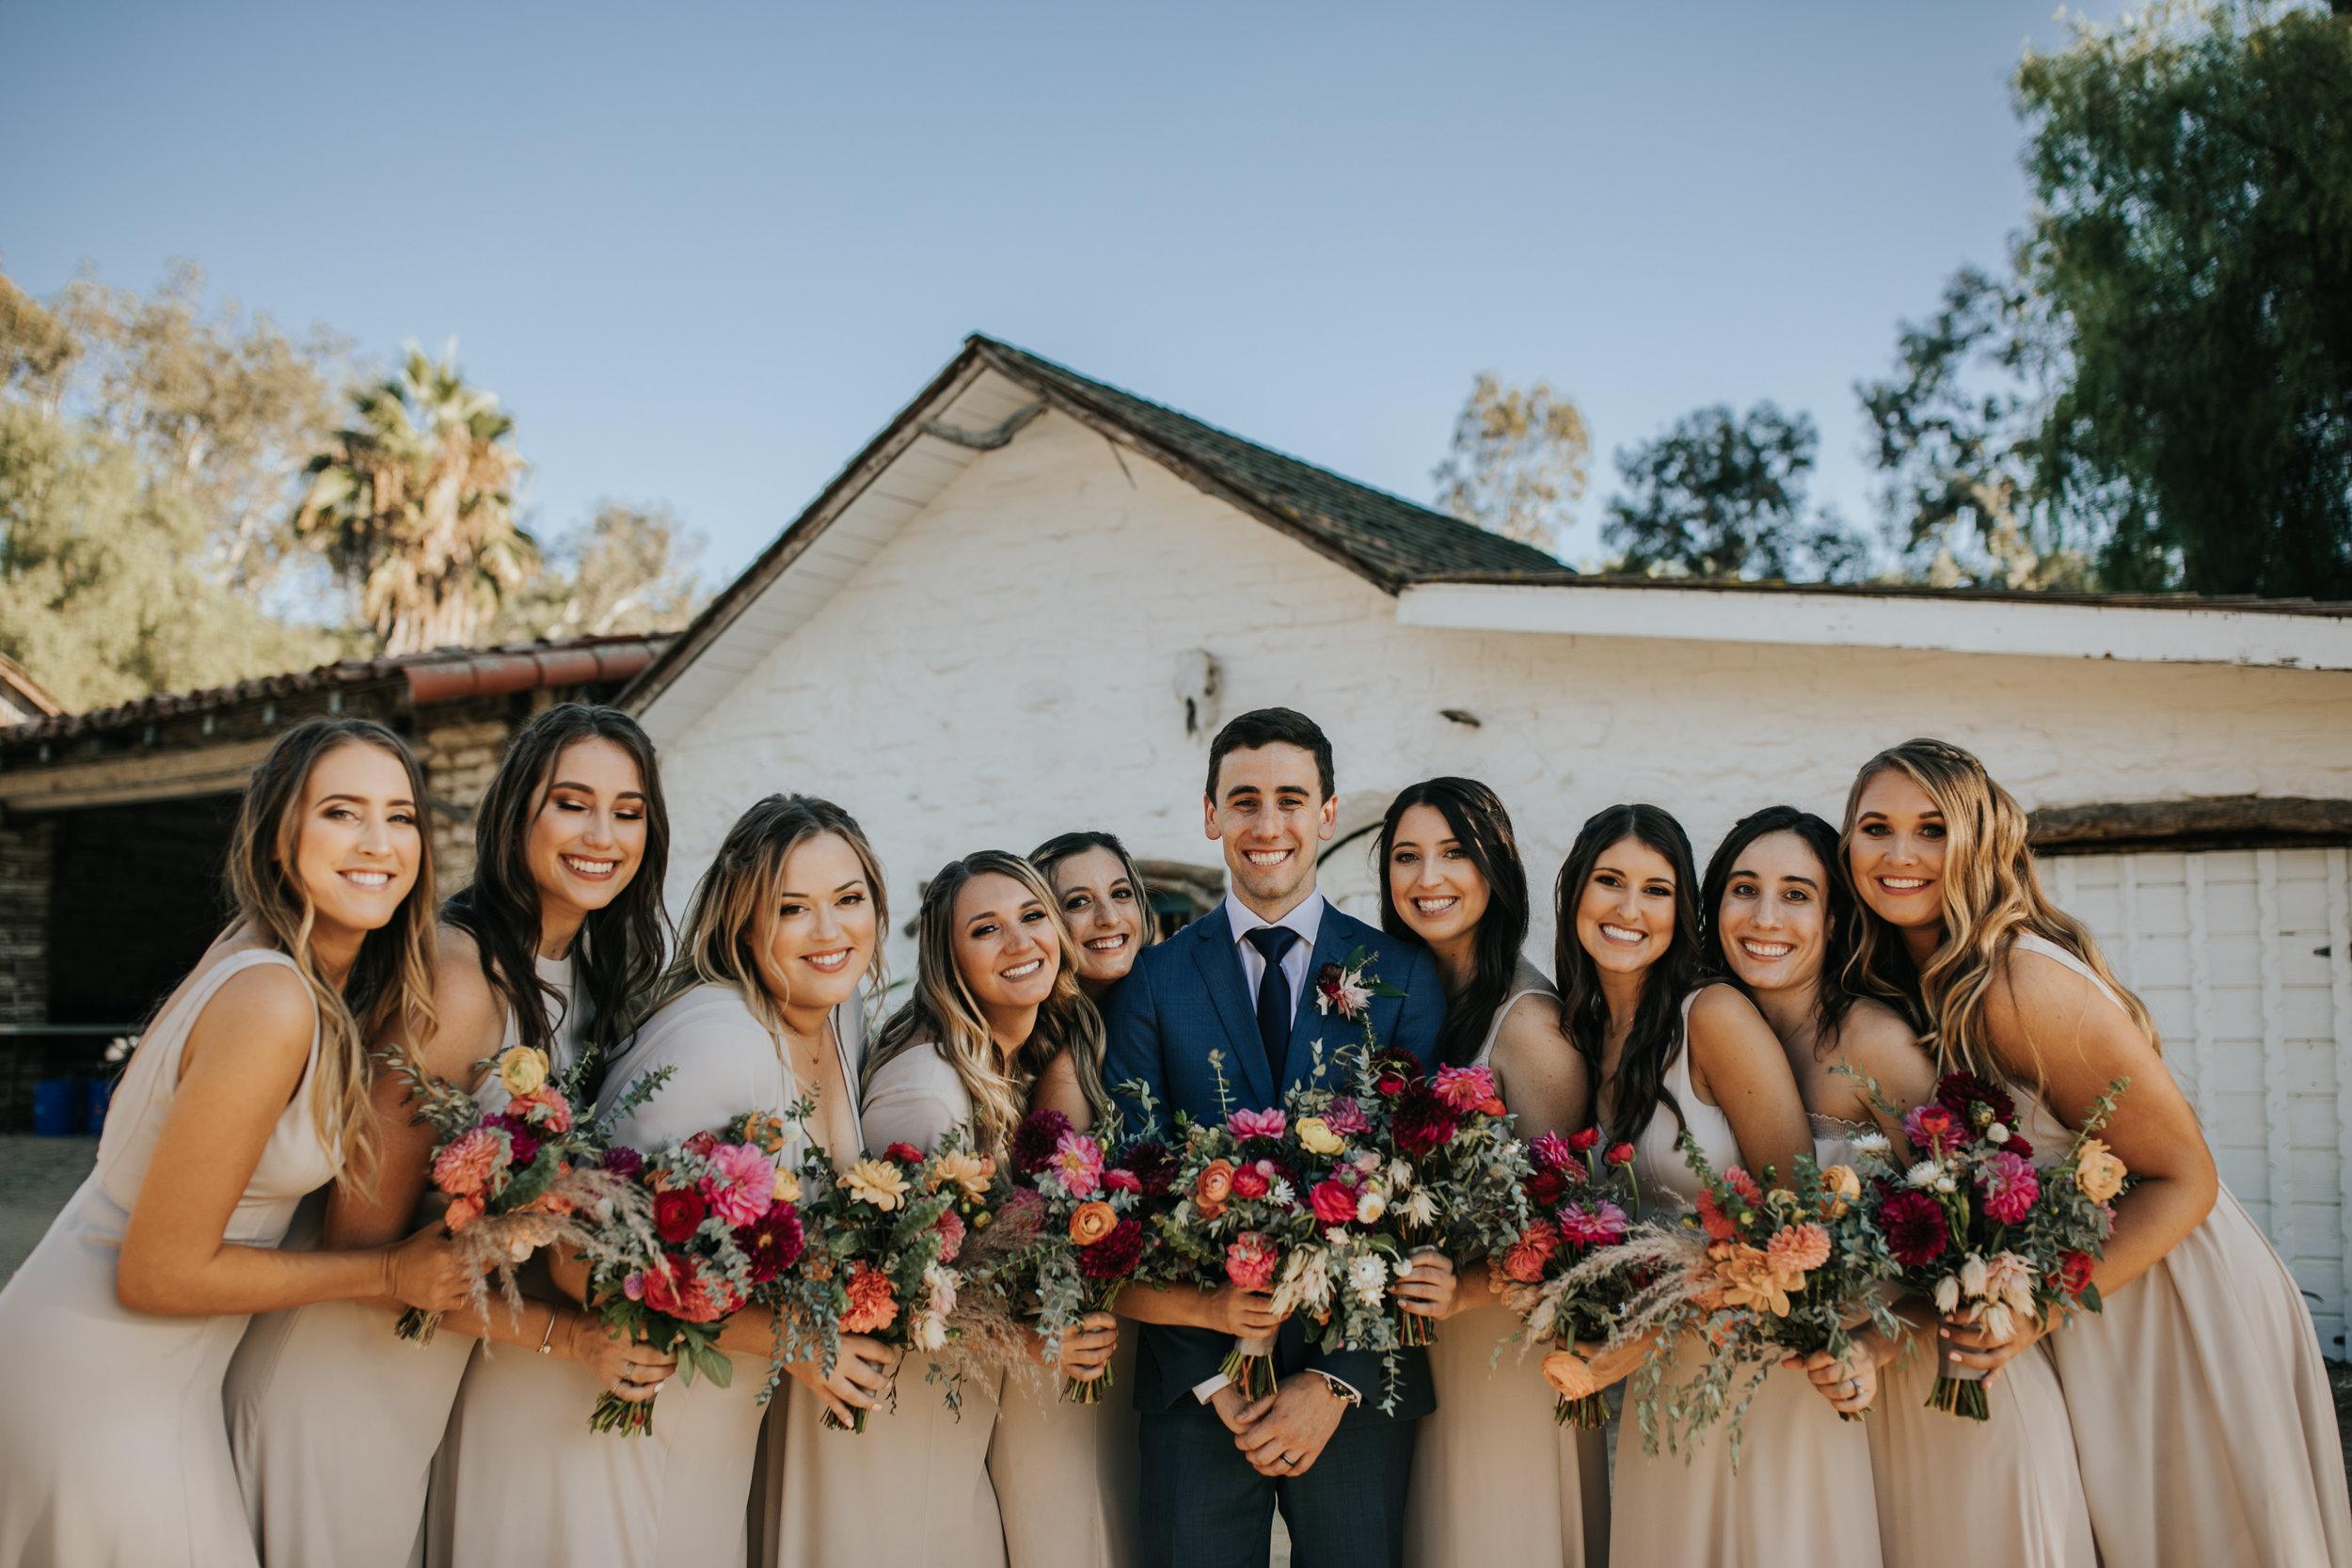 weddingparty-184.jpg